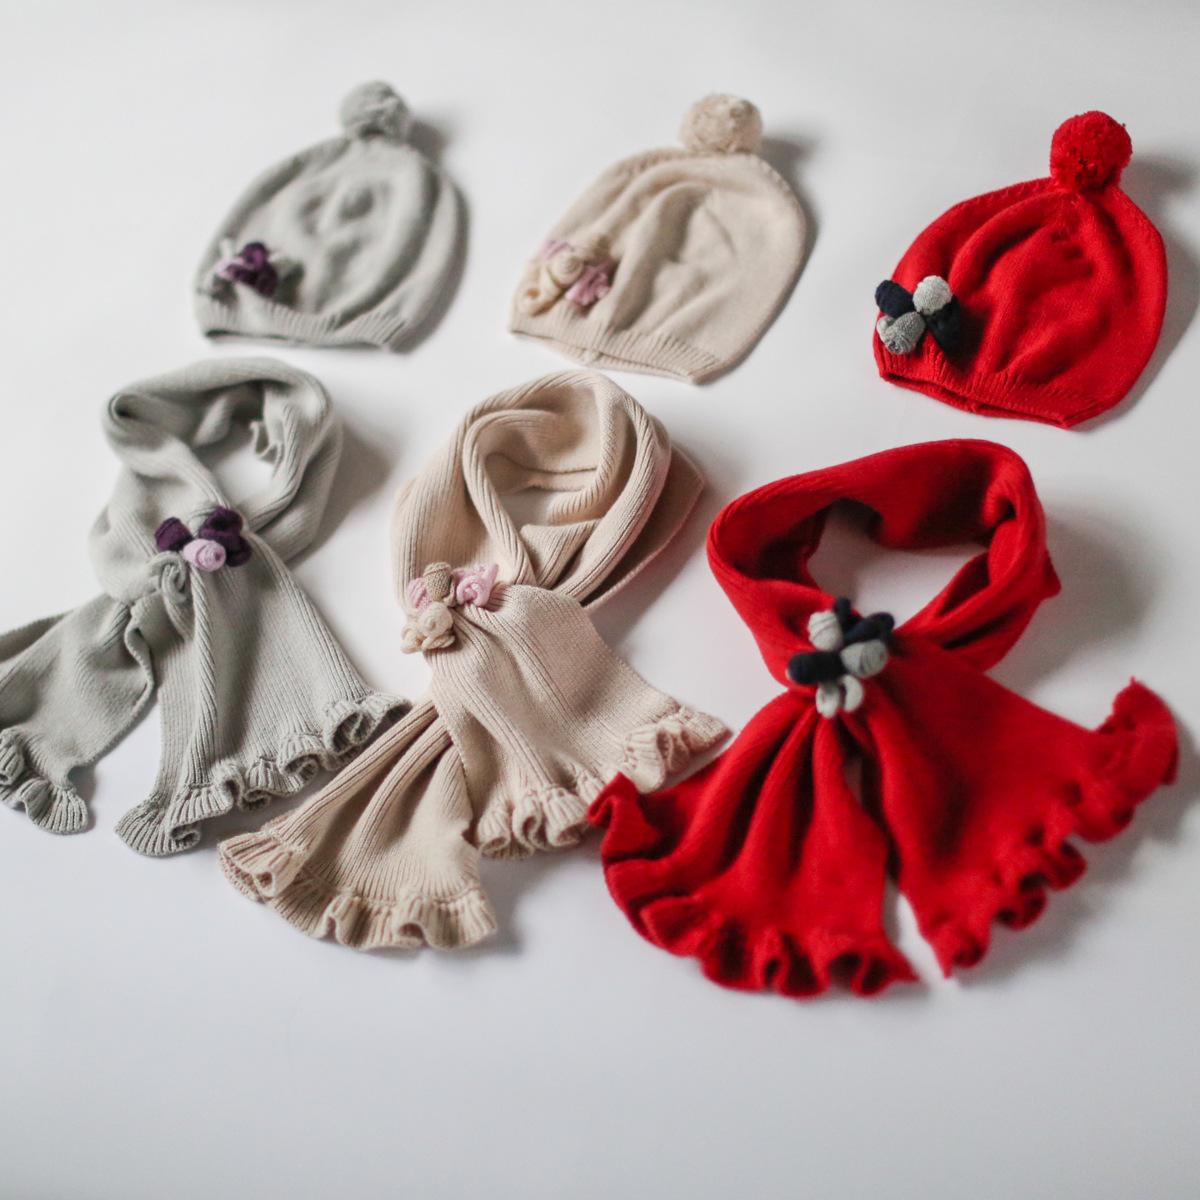 Гаджет  E.mirreh/ imilene 9a11c children hat scarf two piece knitted cotton flower color None Изготовление под заказ